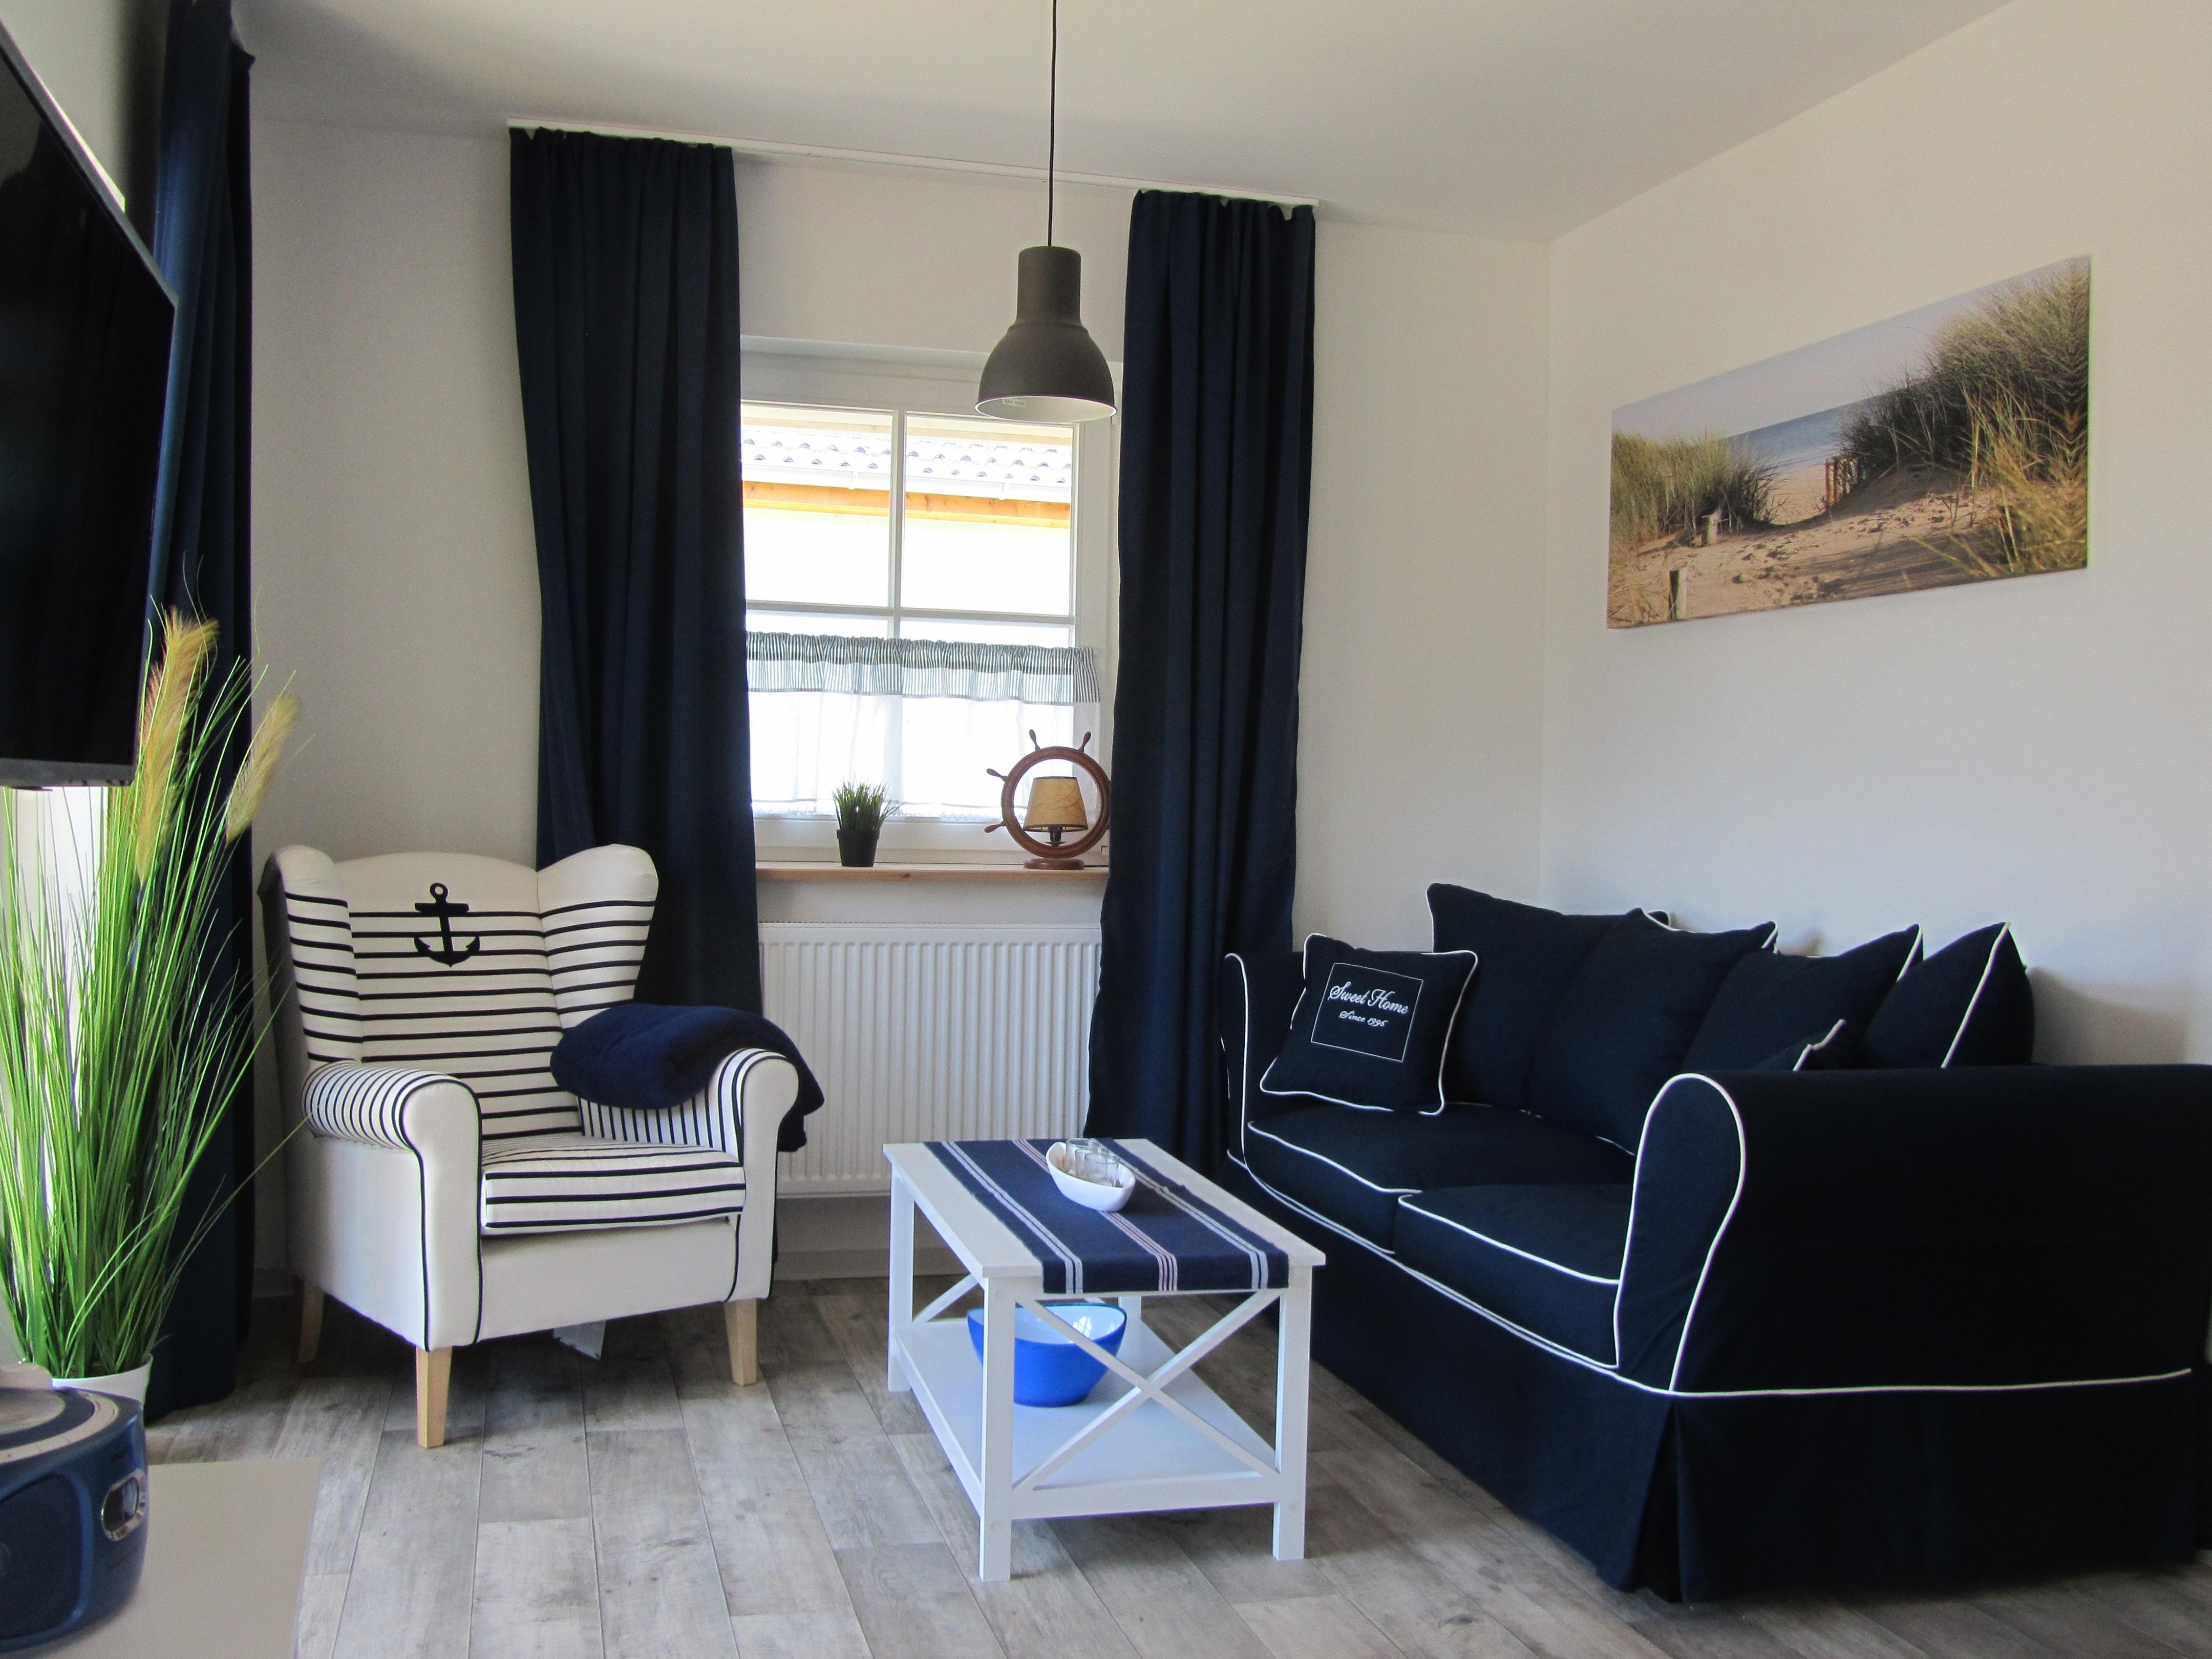 willkommen in gingst auf r gen ferienhaus ankerplatz r gen in gingst maritime ferienwohnung. Black Bedroom Furniture Sets. Home Design Ideas